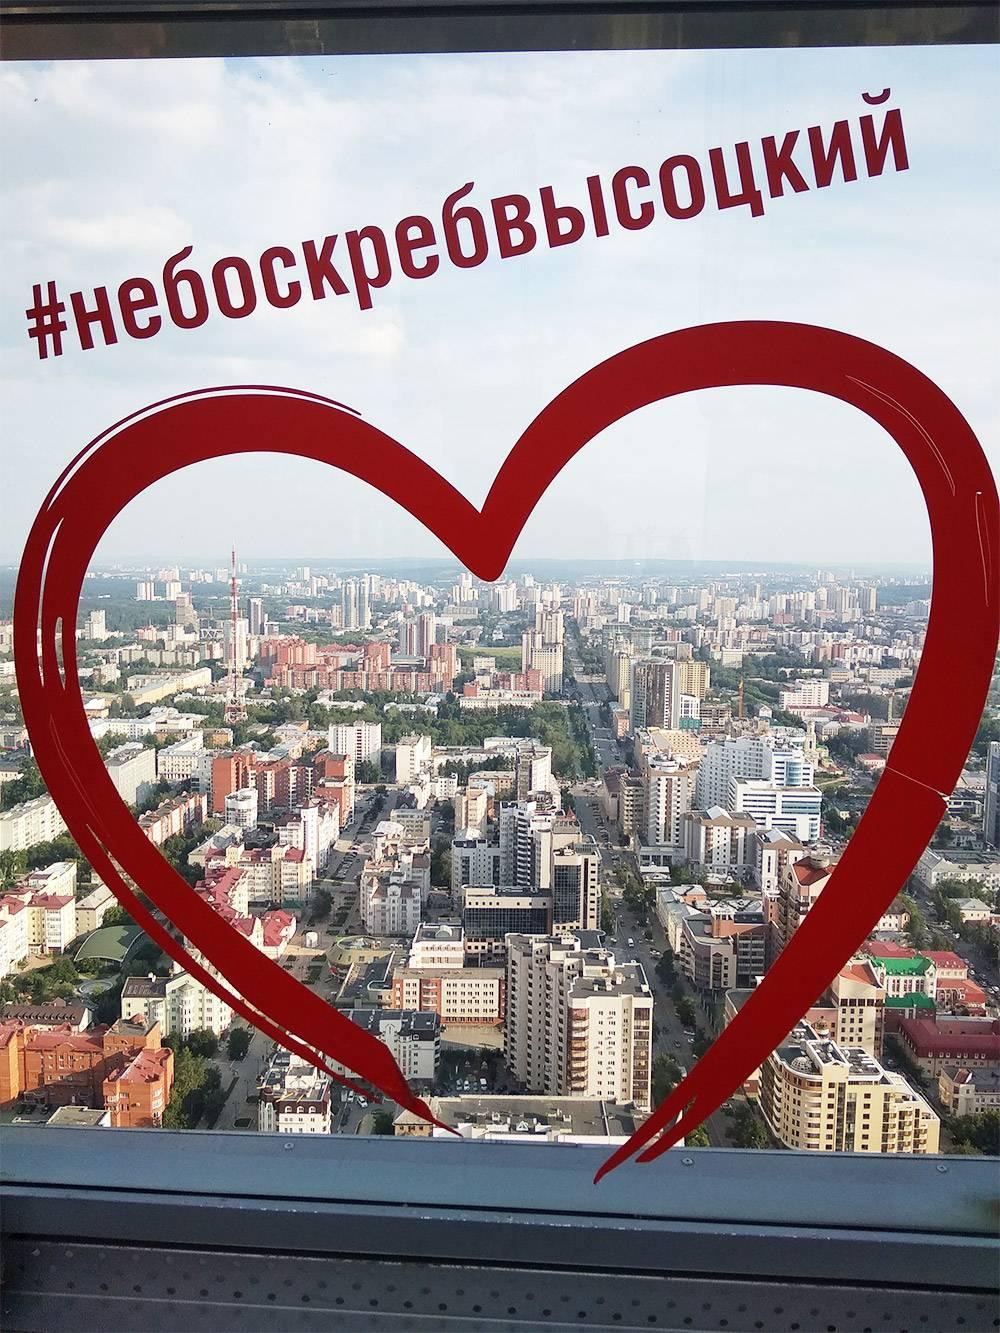 Вид со смотровой площадки на небоскребе «Высоцкий»